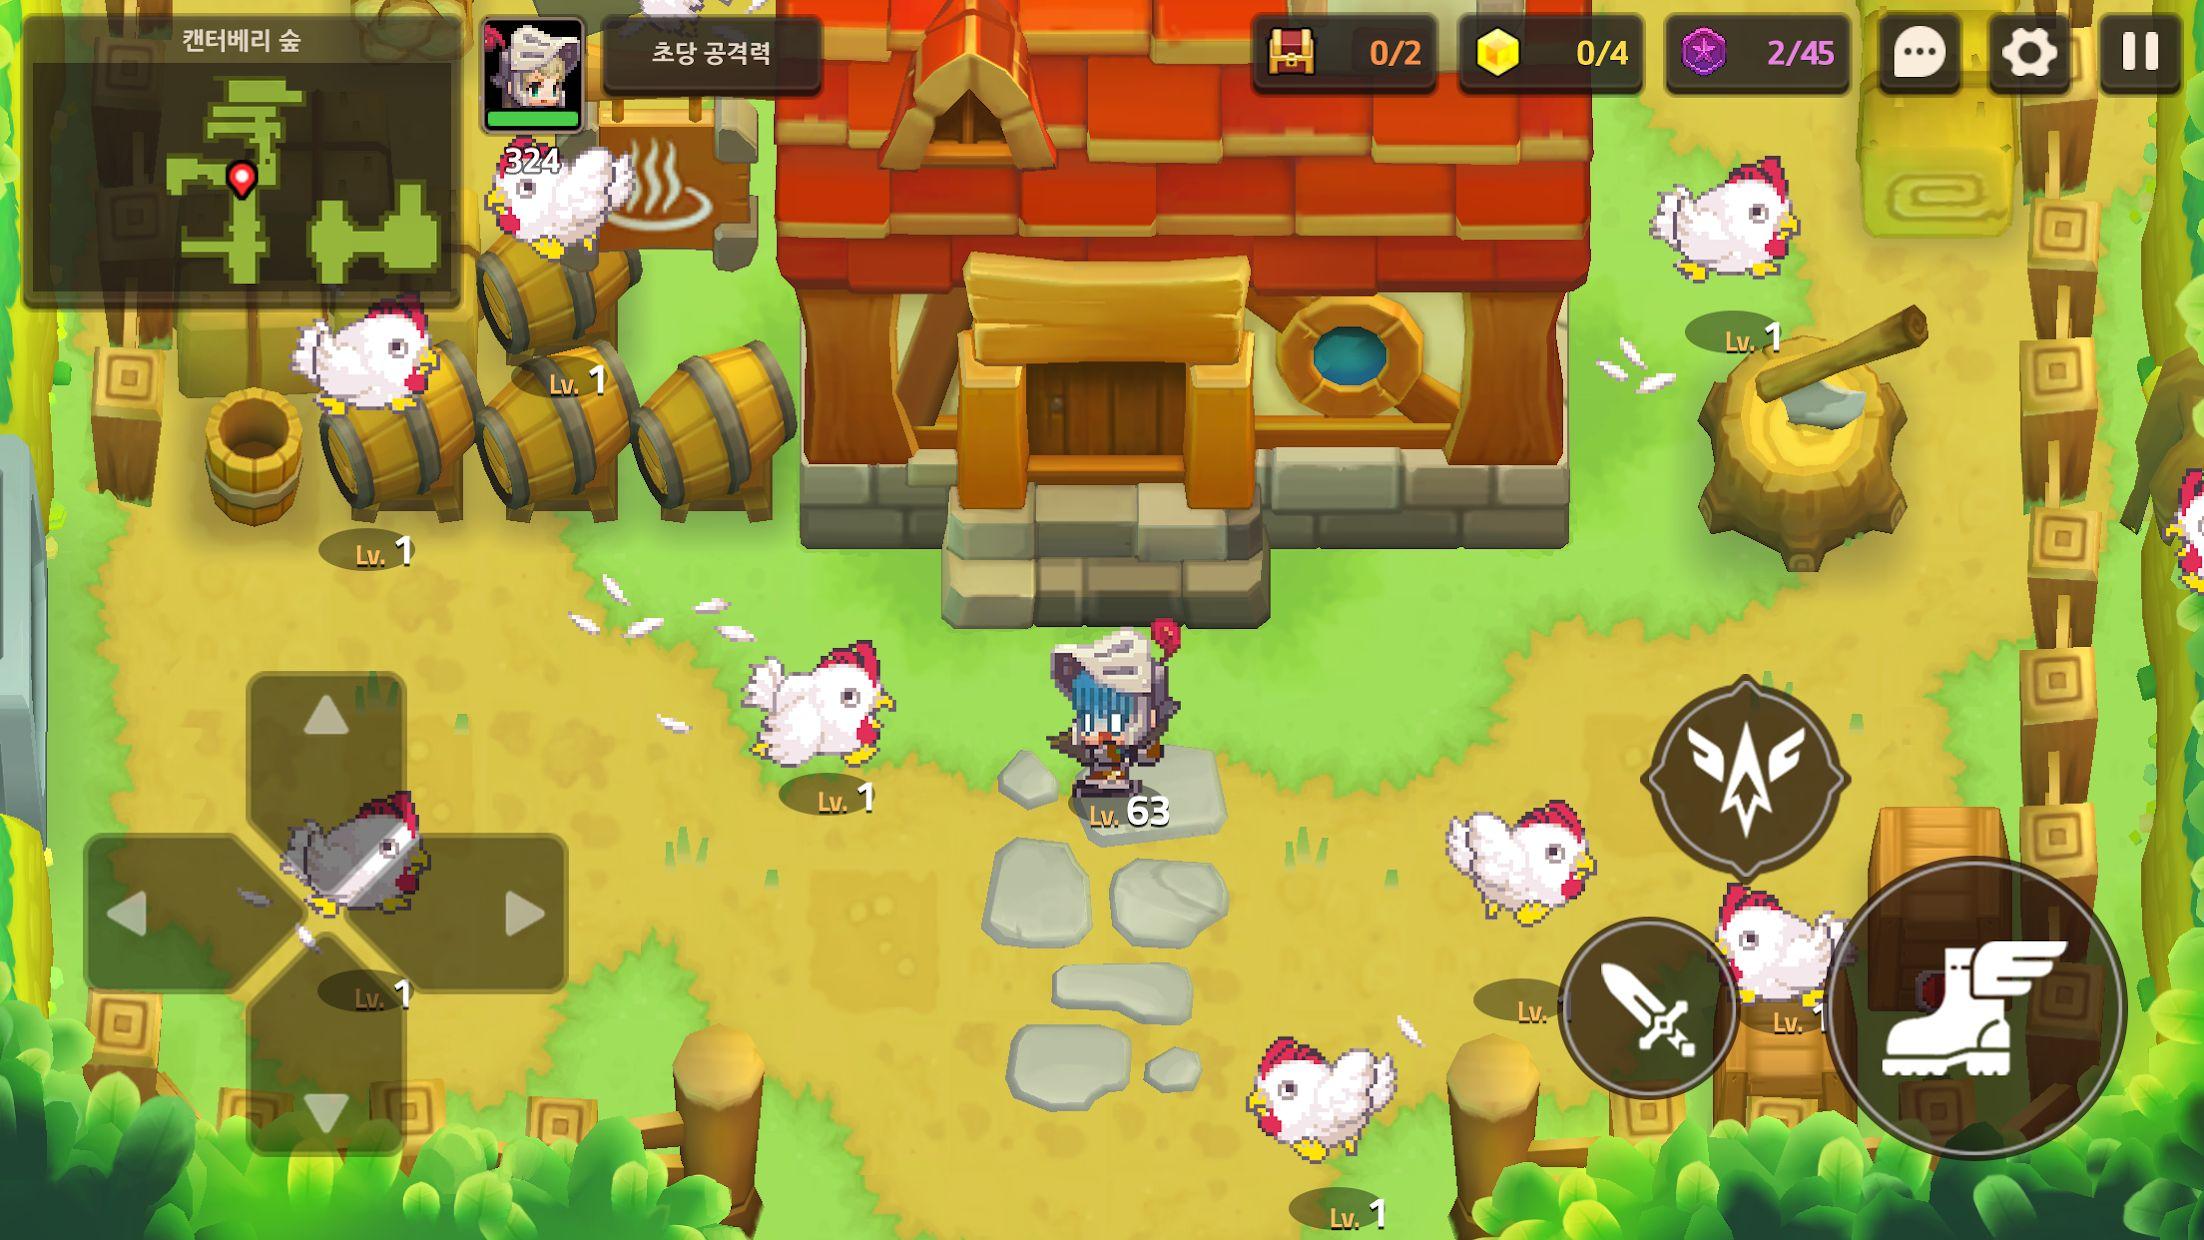 坎特伯雷公主与骑士唤醒冠军之剑的奇幻冒险(韩服 守护者传说) 游戏截图5